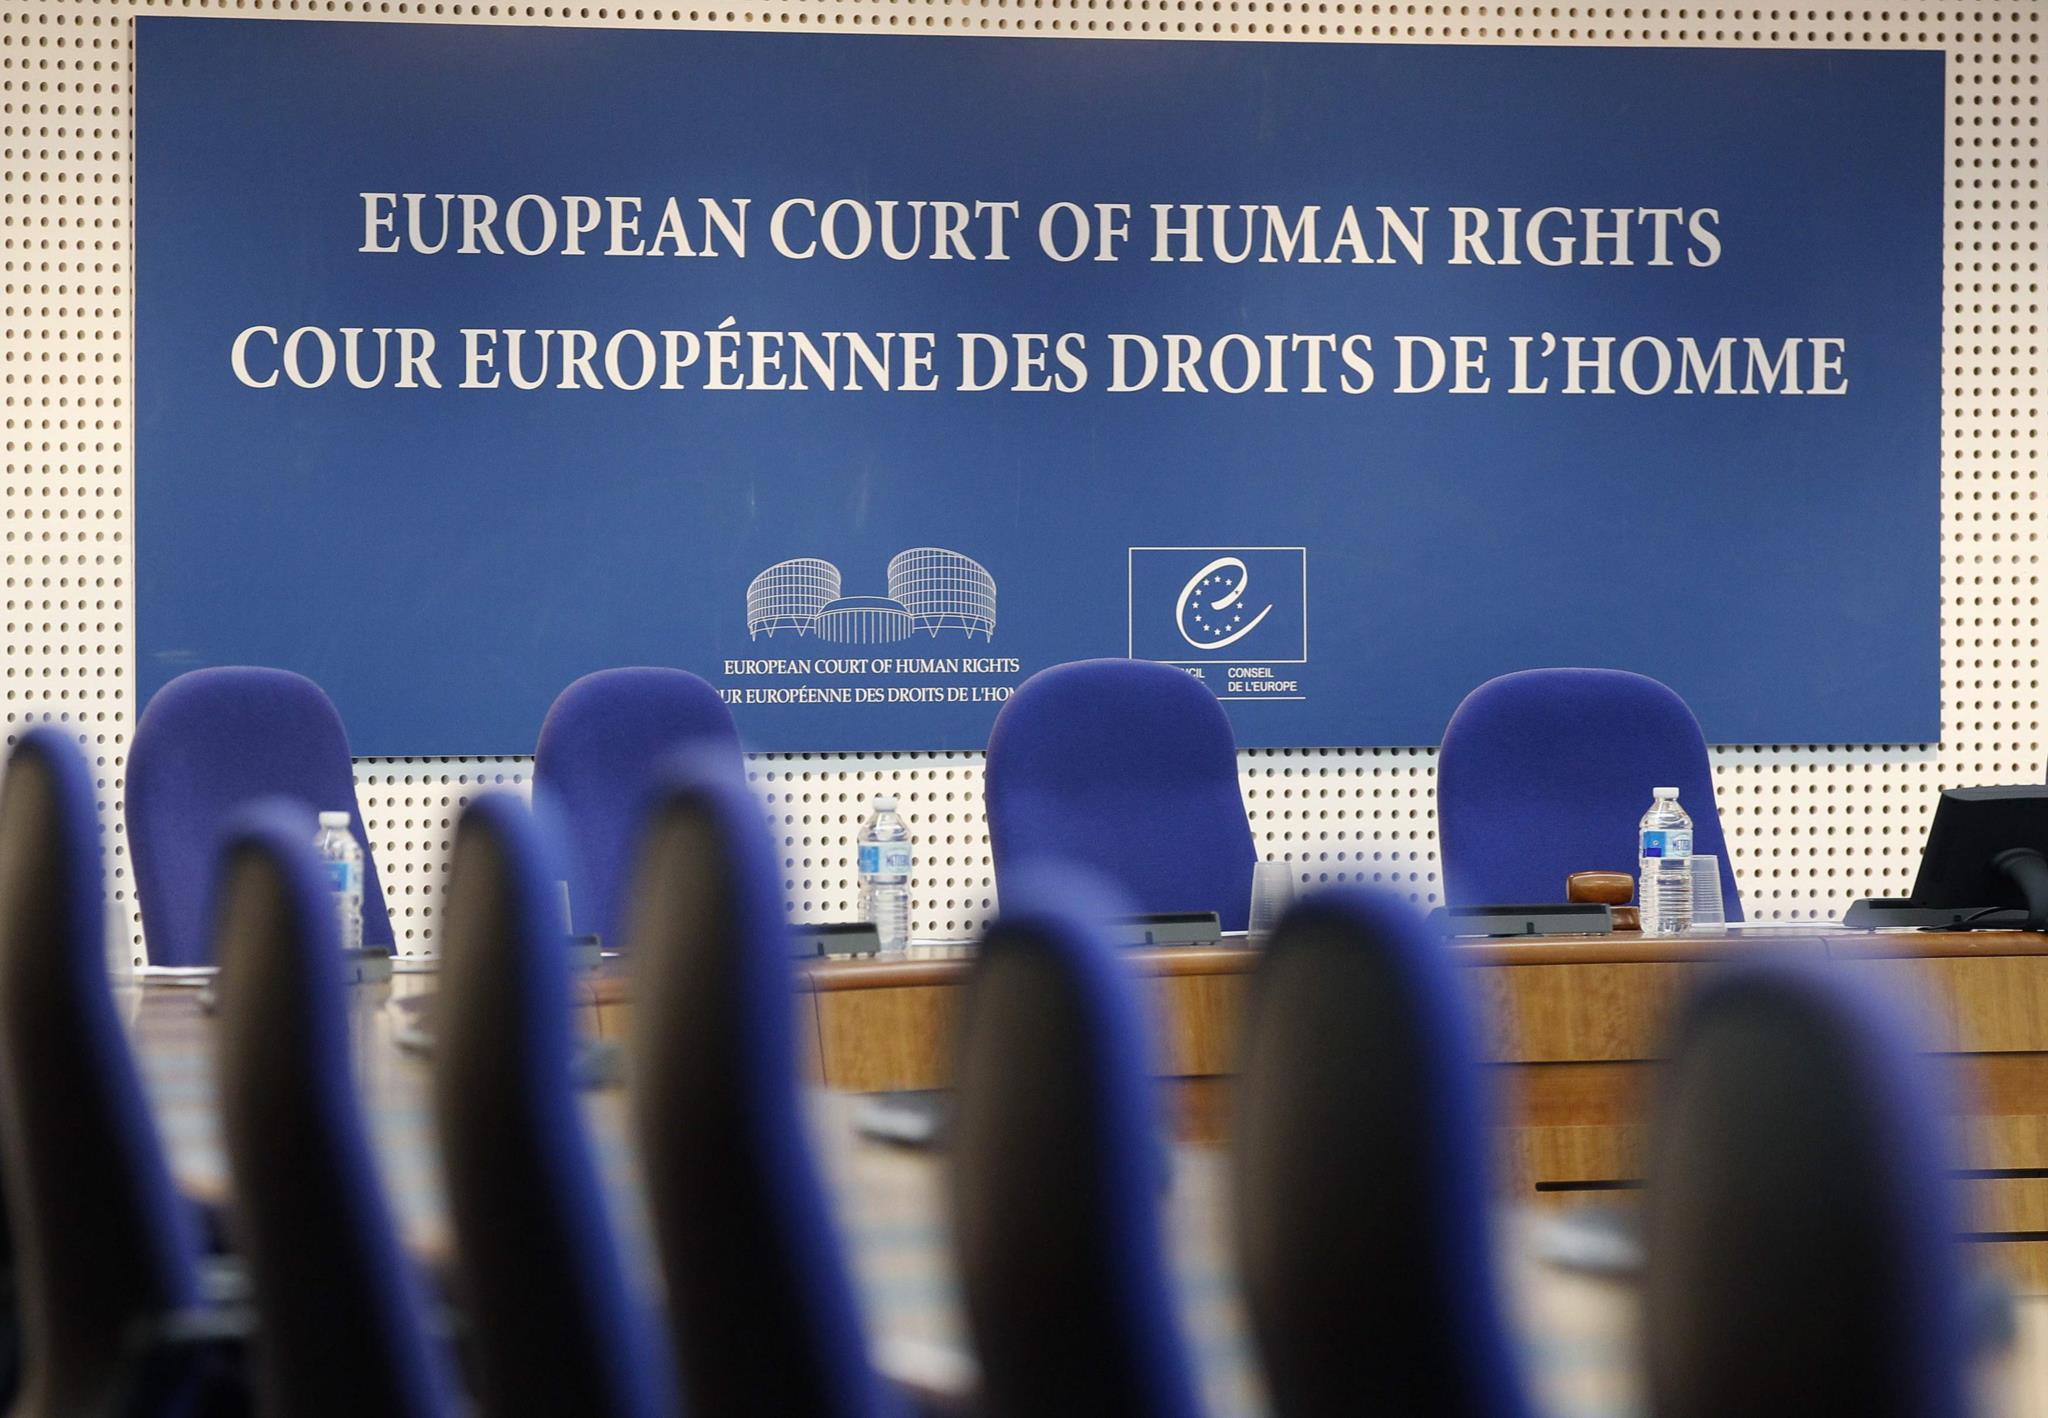 Tribunal Europeu dos Direitos do Homem, Moldávia, Curtea, Direitos do Homem, Convenção Europeia dos Direitos do Homem